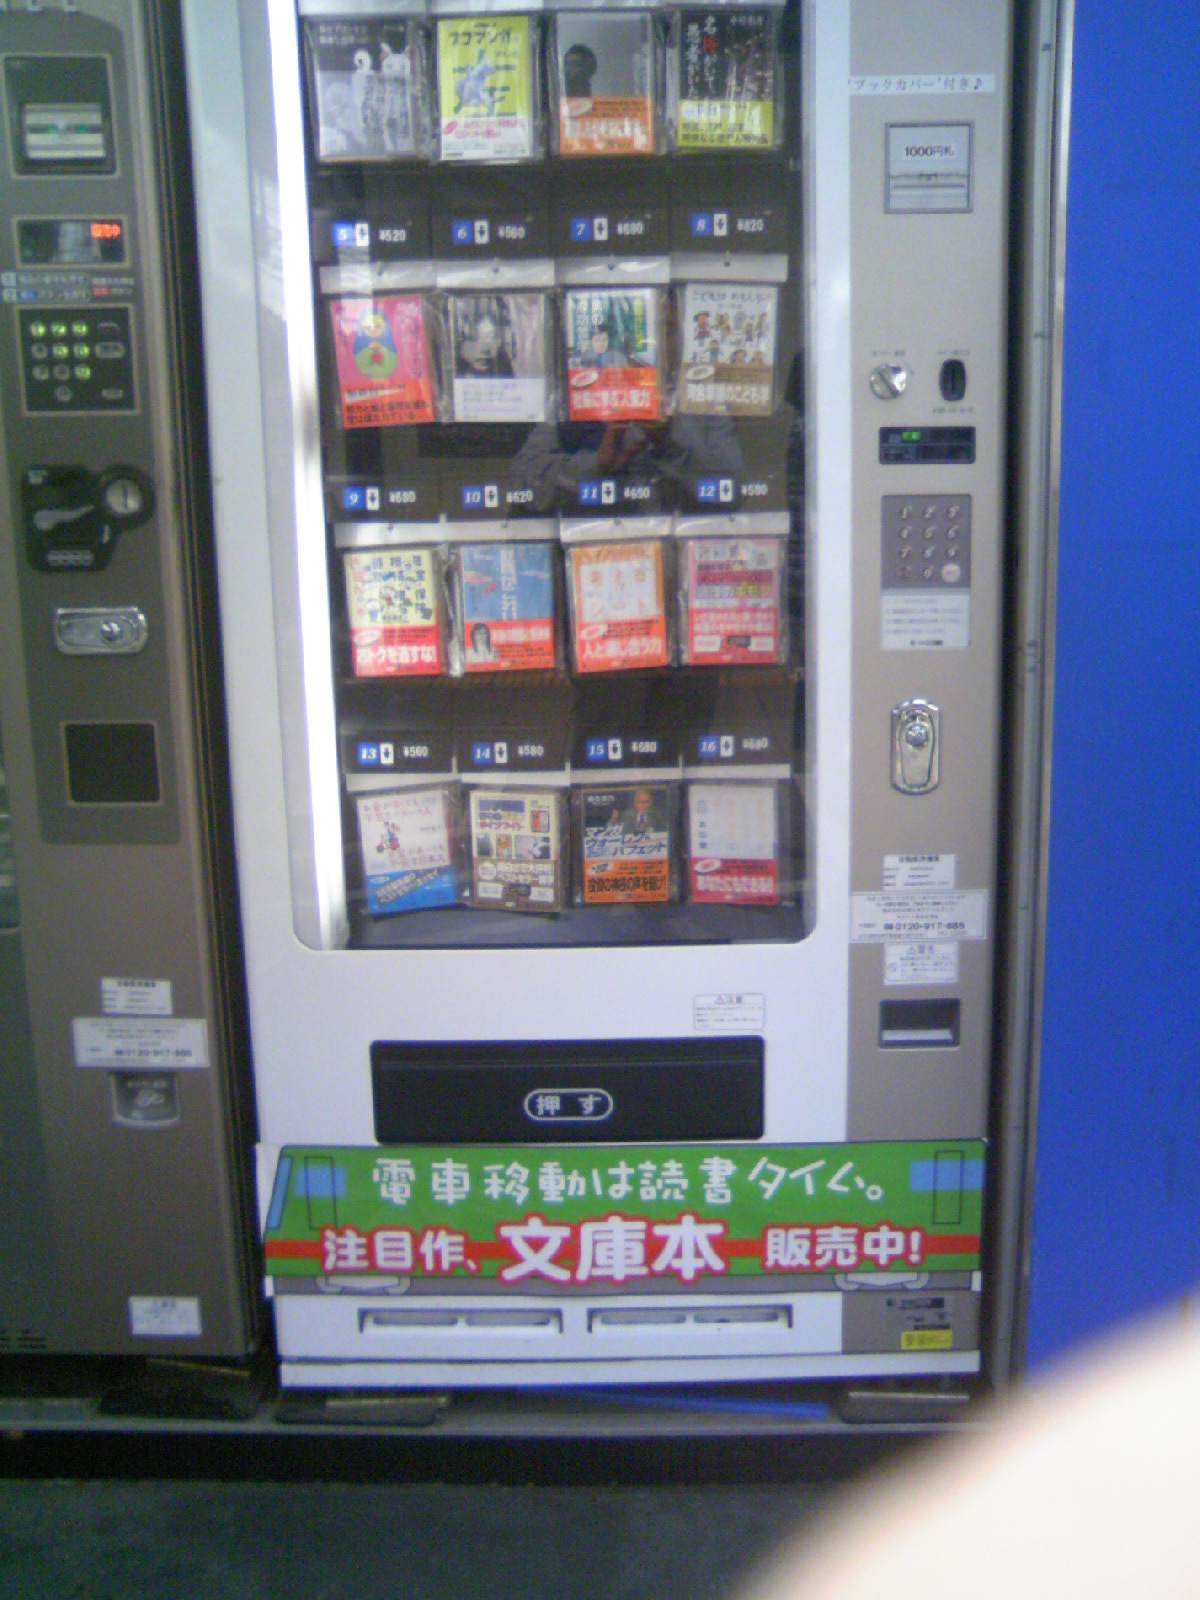 vendingbooks.jpg